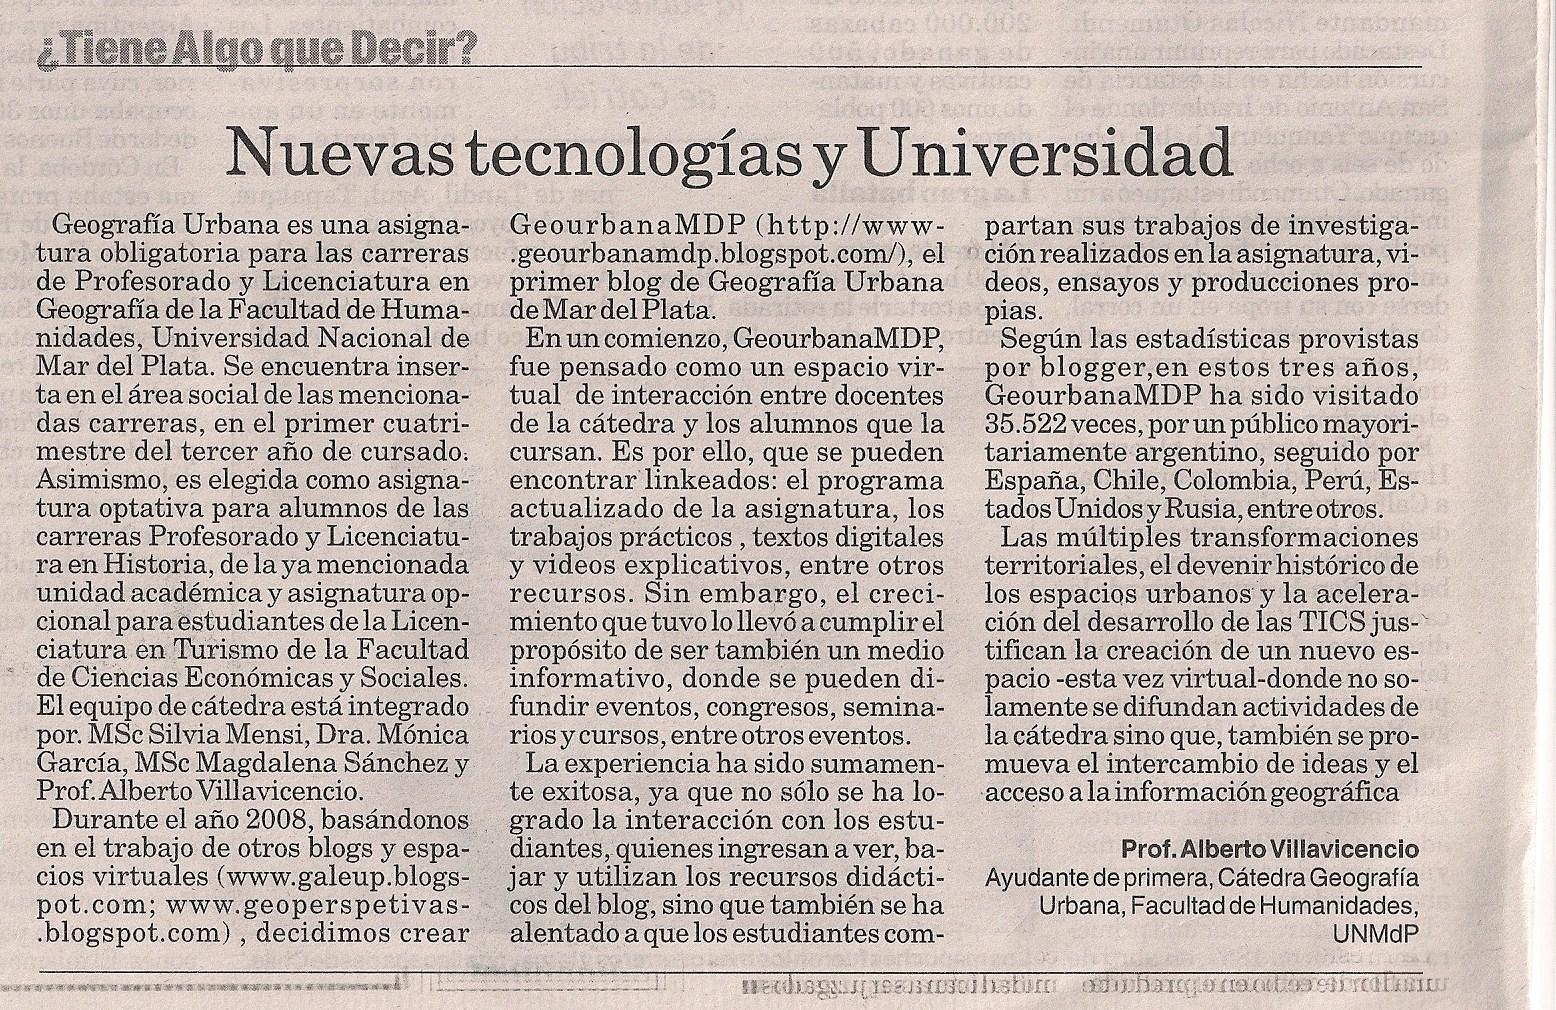 el Diario La Capital, de Mar del Plata el día 16 de diciembre de 2011